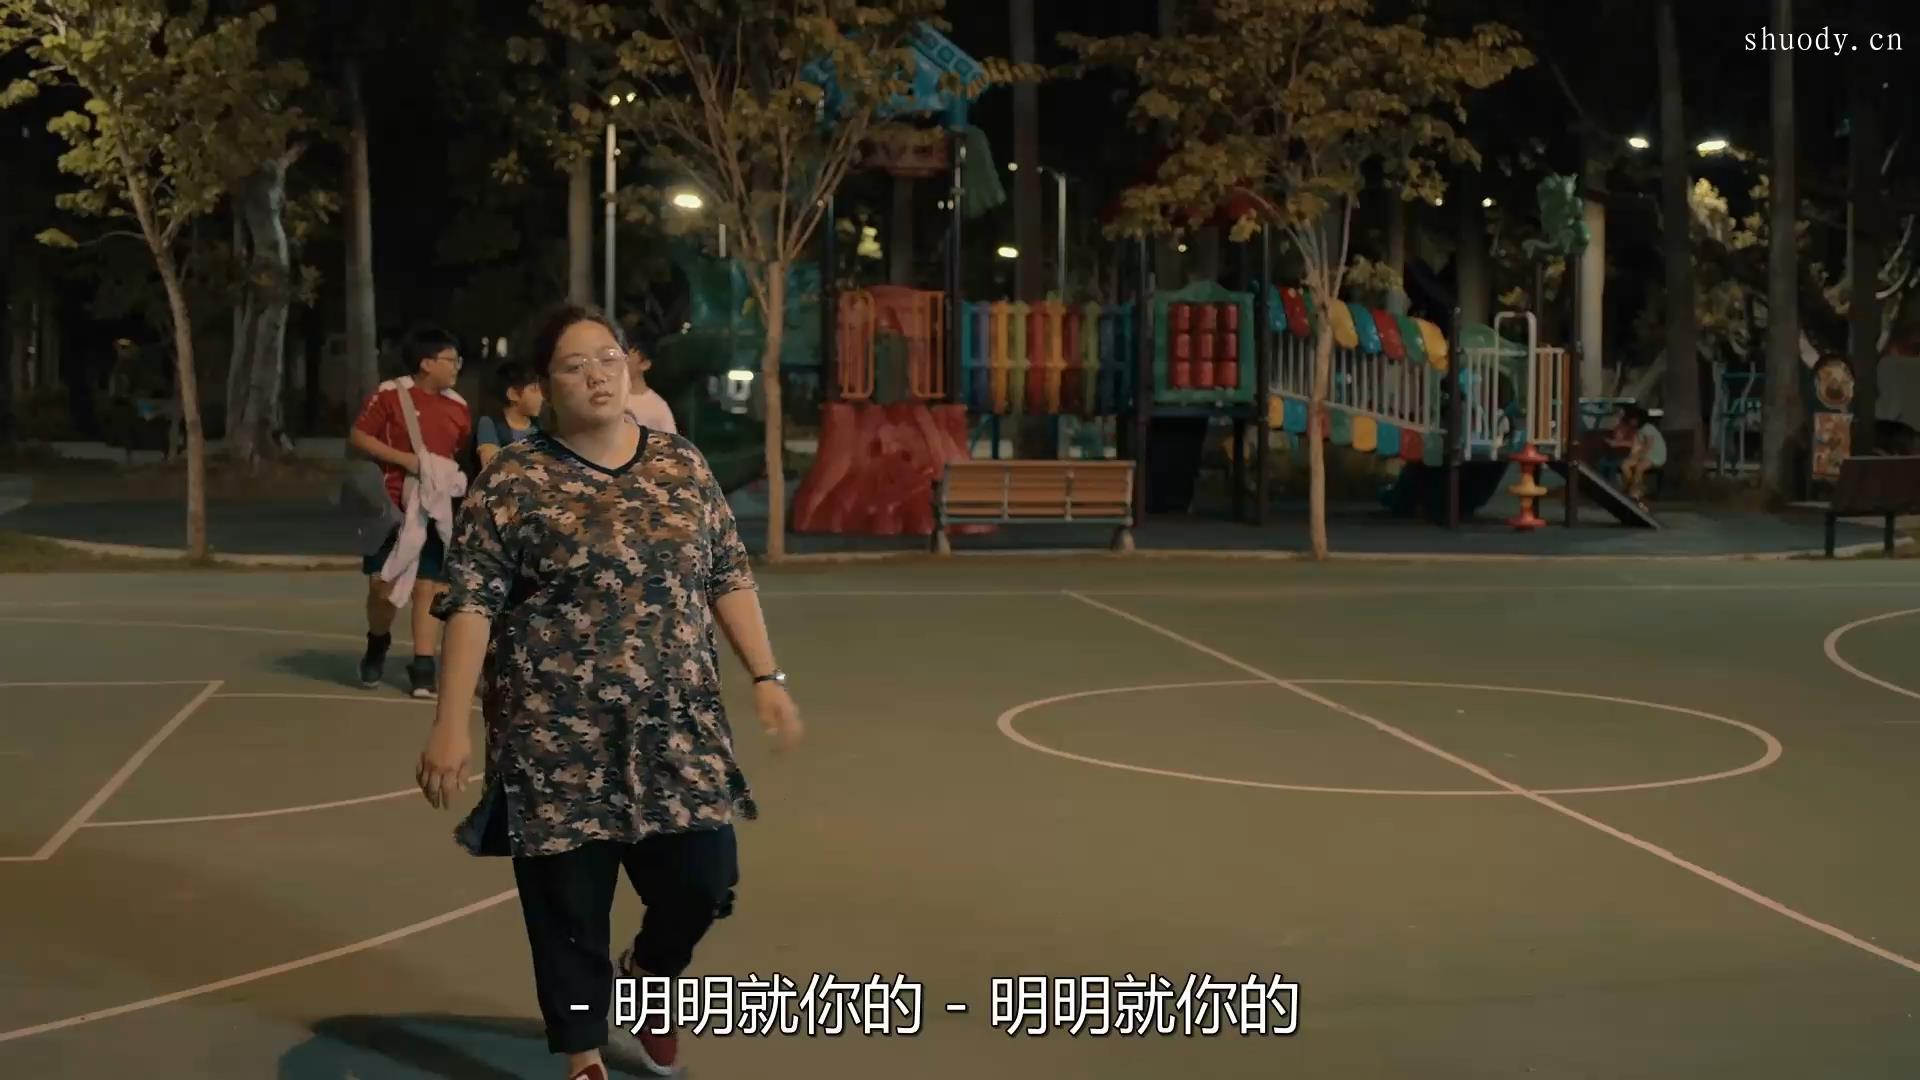 2019《大饿》2600字,8分钟剧情解说稿下载-第4张图片